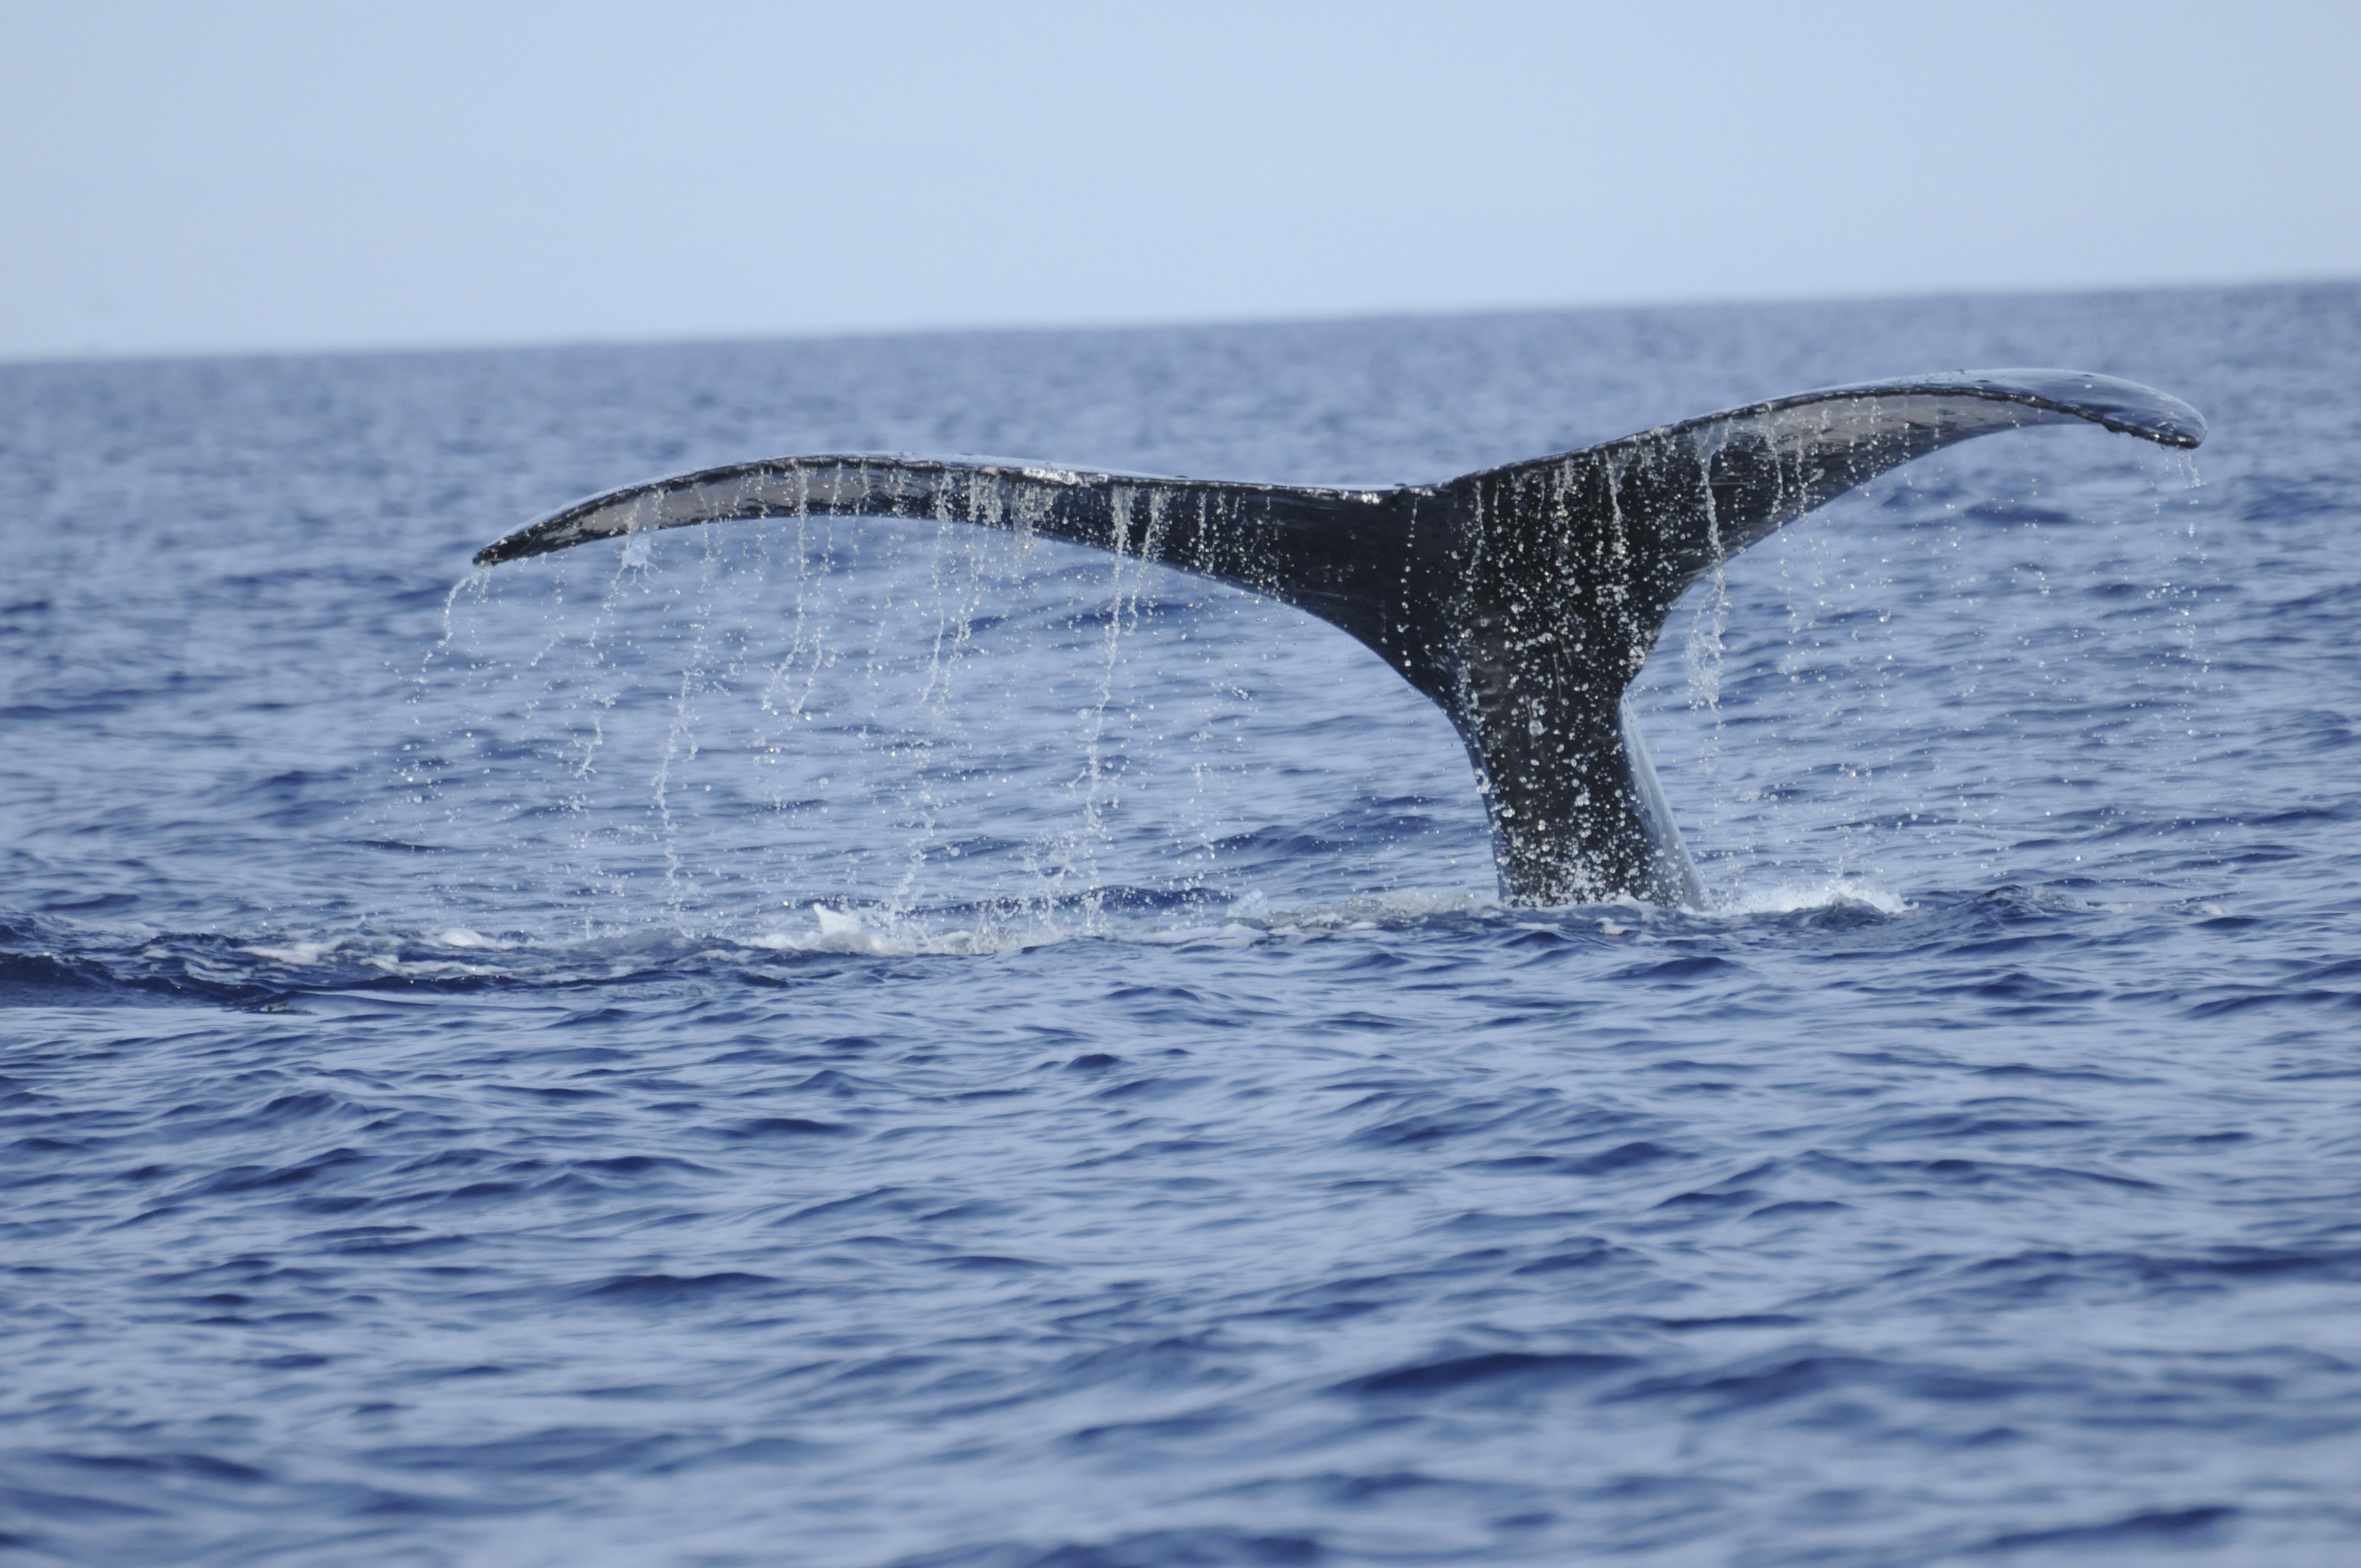 Dias_Animals_2011_4_Maui